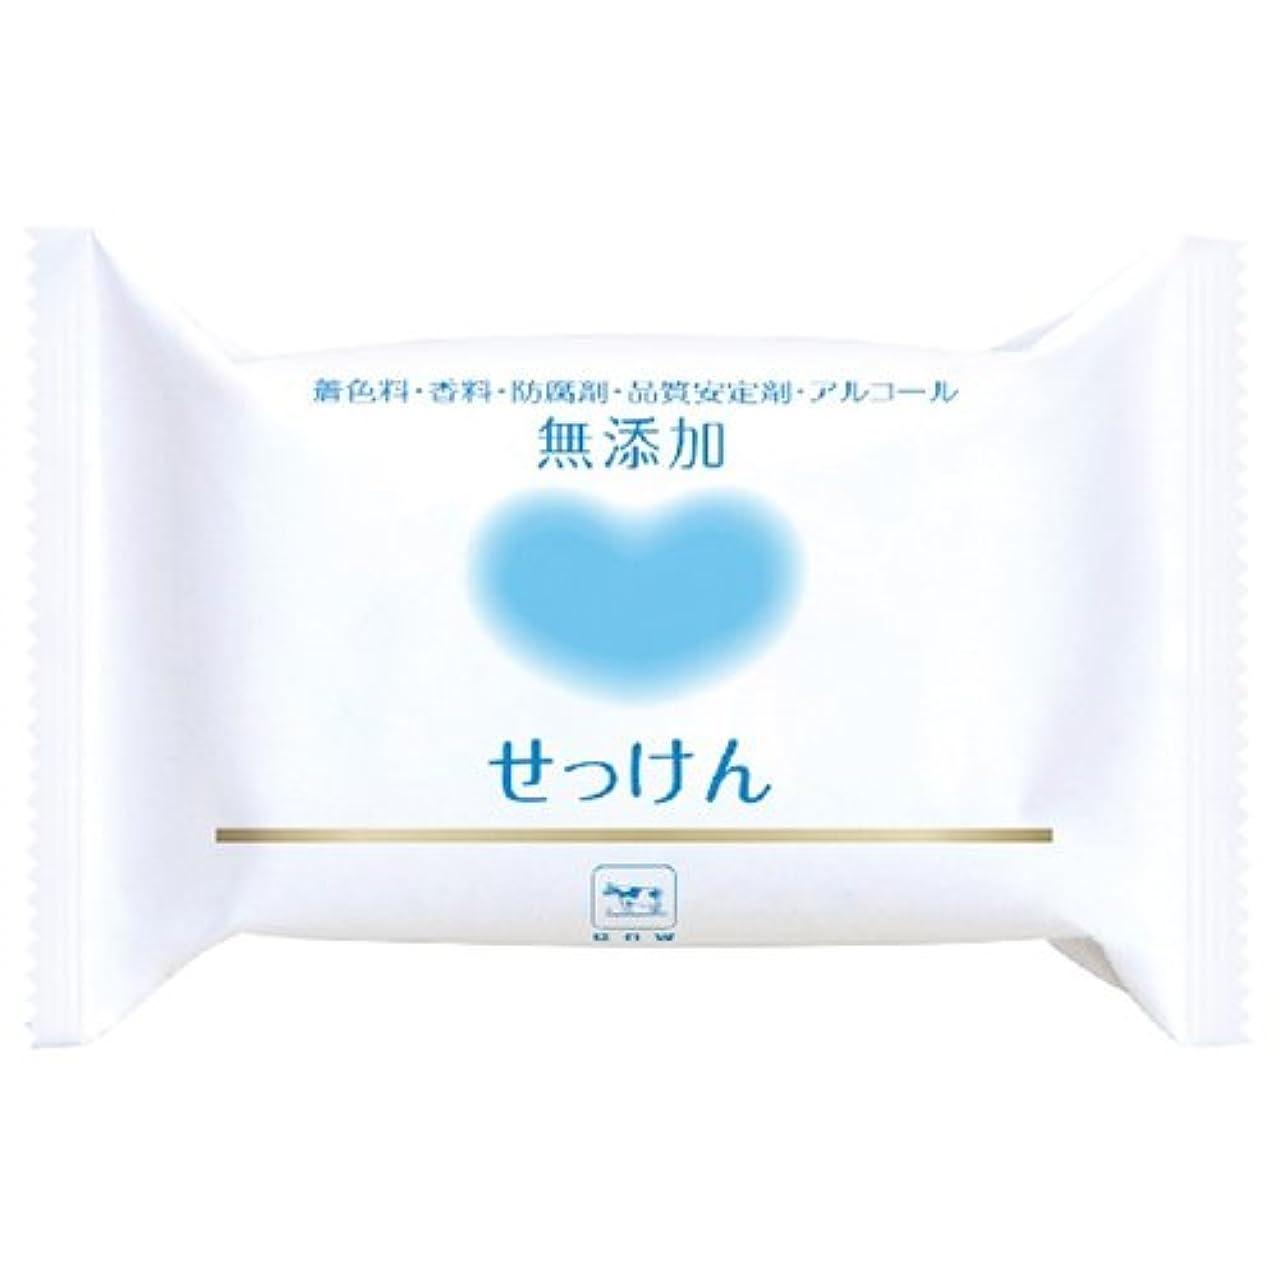 摂動牛免除牛乳石鹸共進社 カウブランド 無添加せっけん 100g (1個)×72点セット (4901525383011)